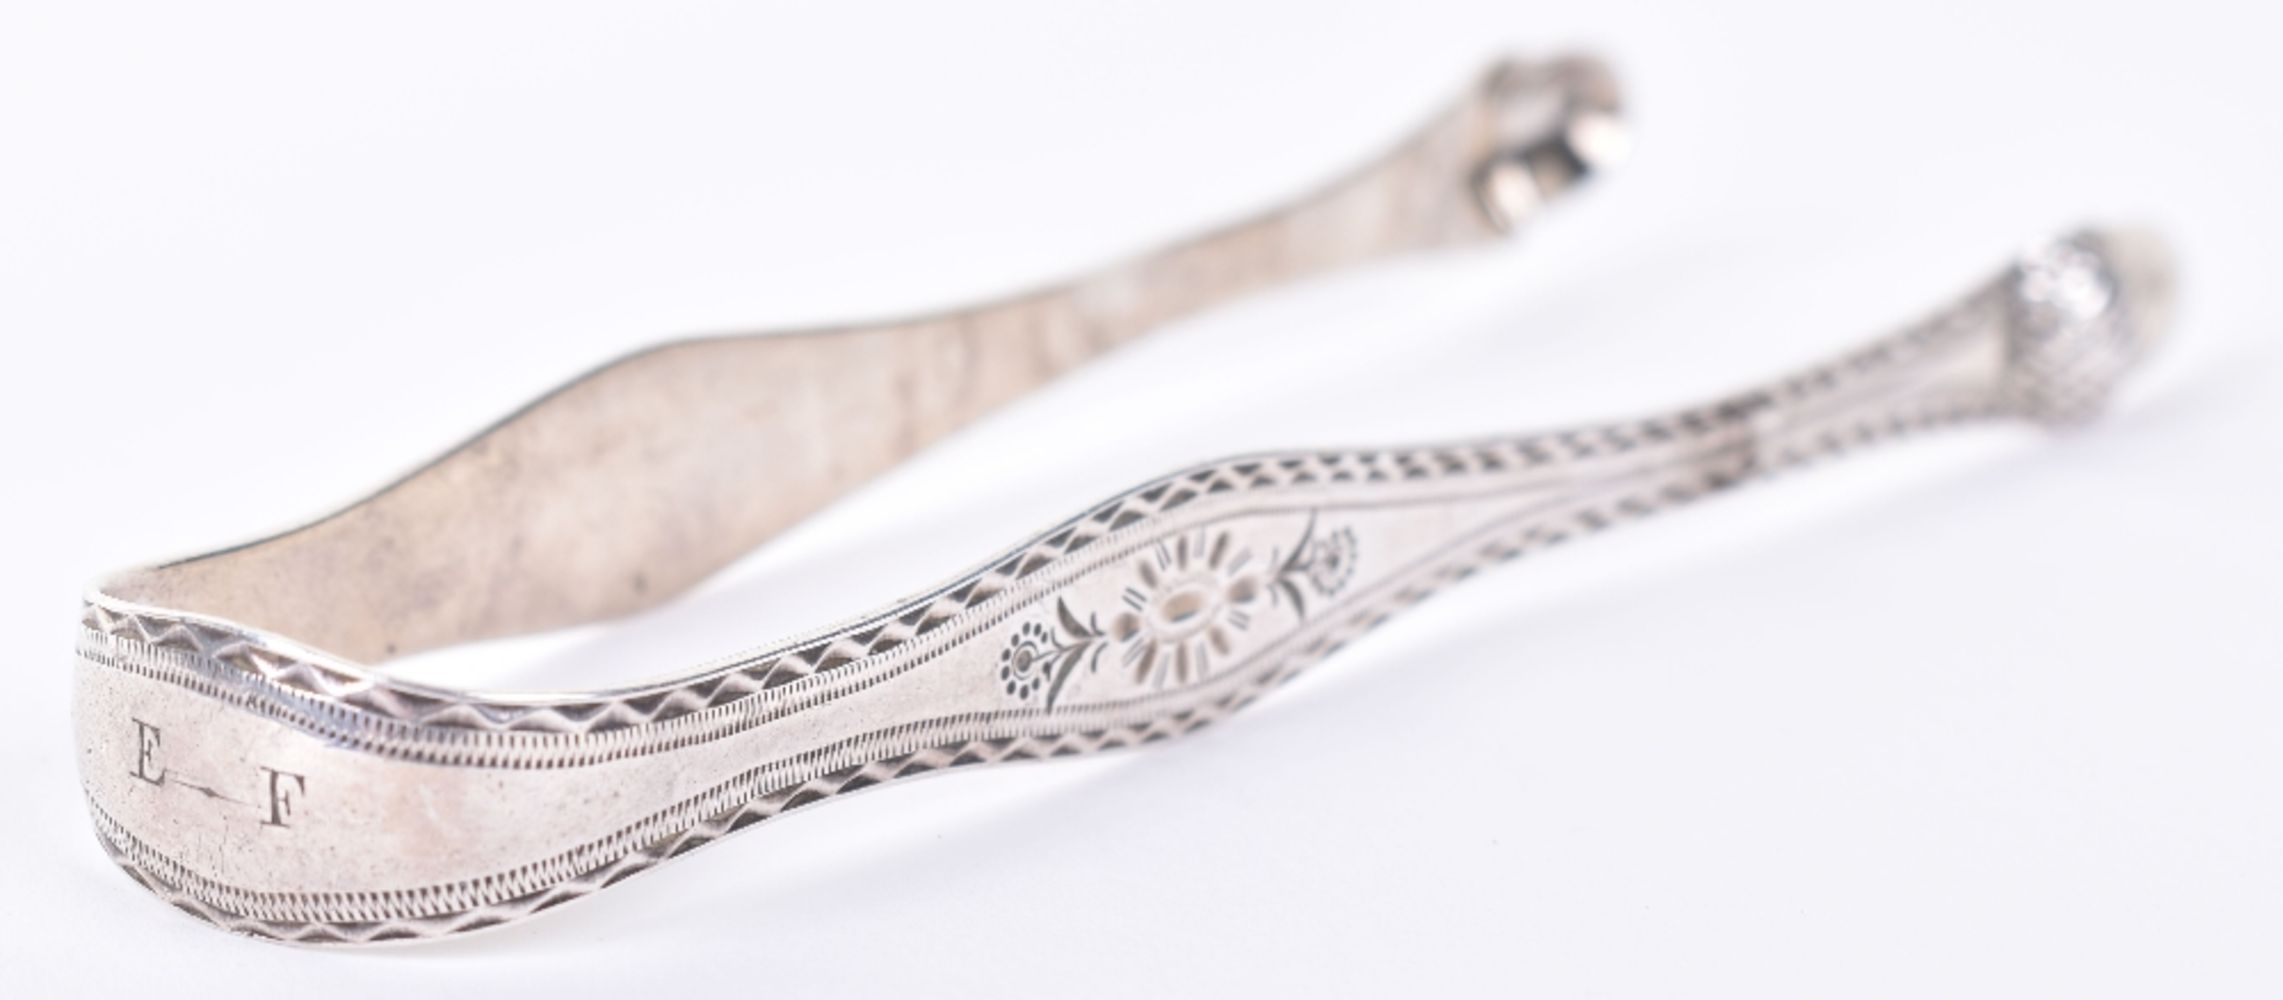 The Silver Sale - Webcast & Postal Auction